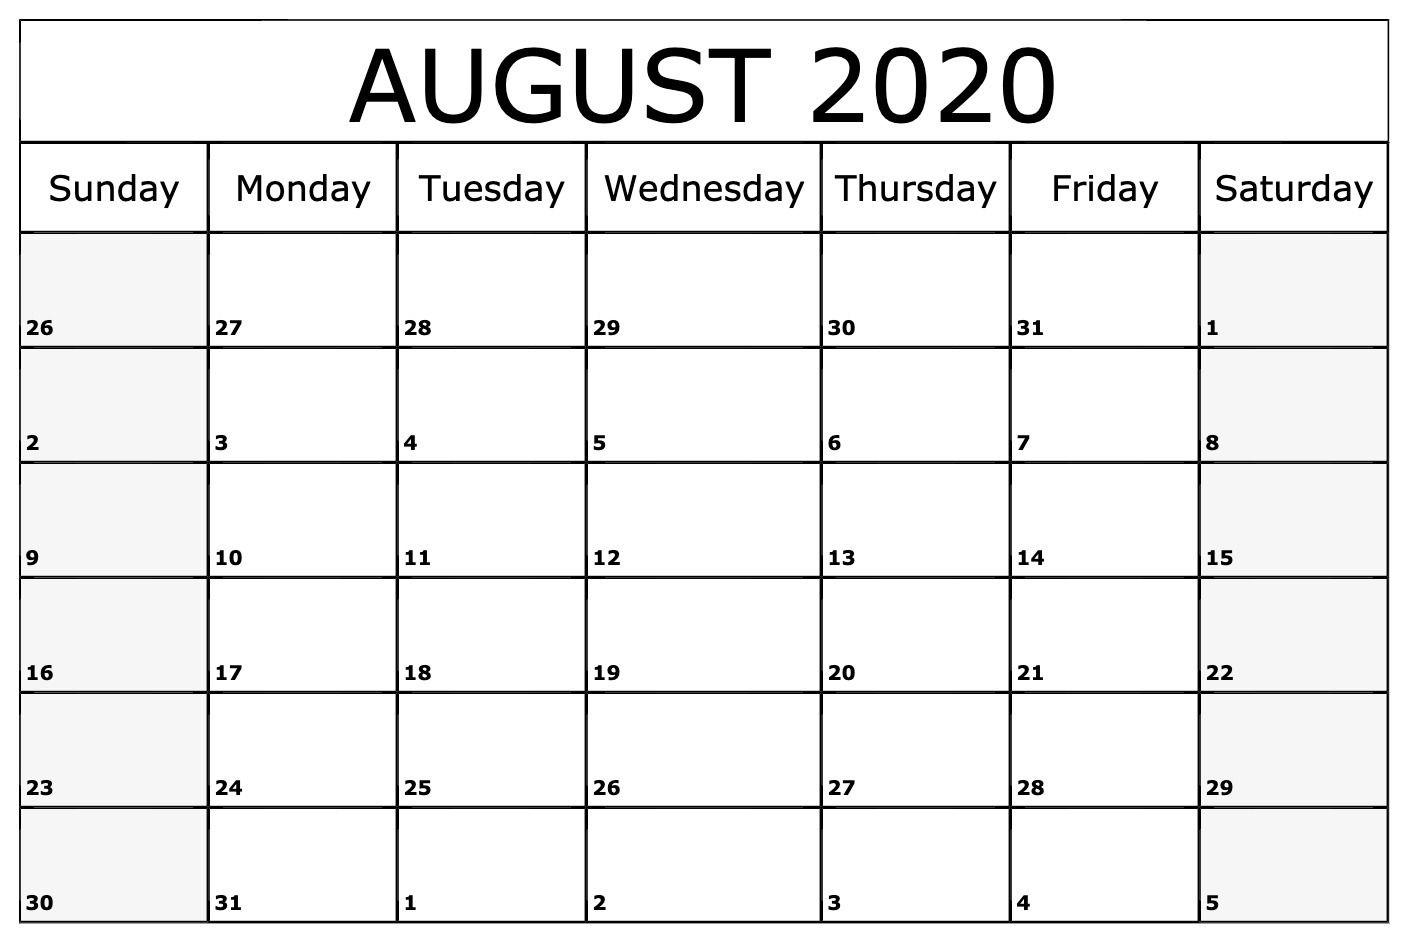 August 2020 Calendar Template   August Calendar, Blank